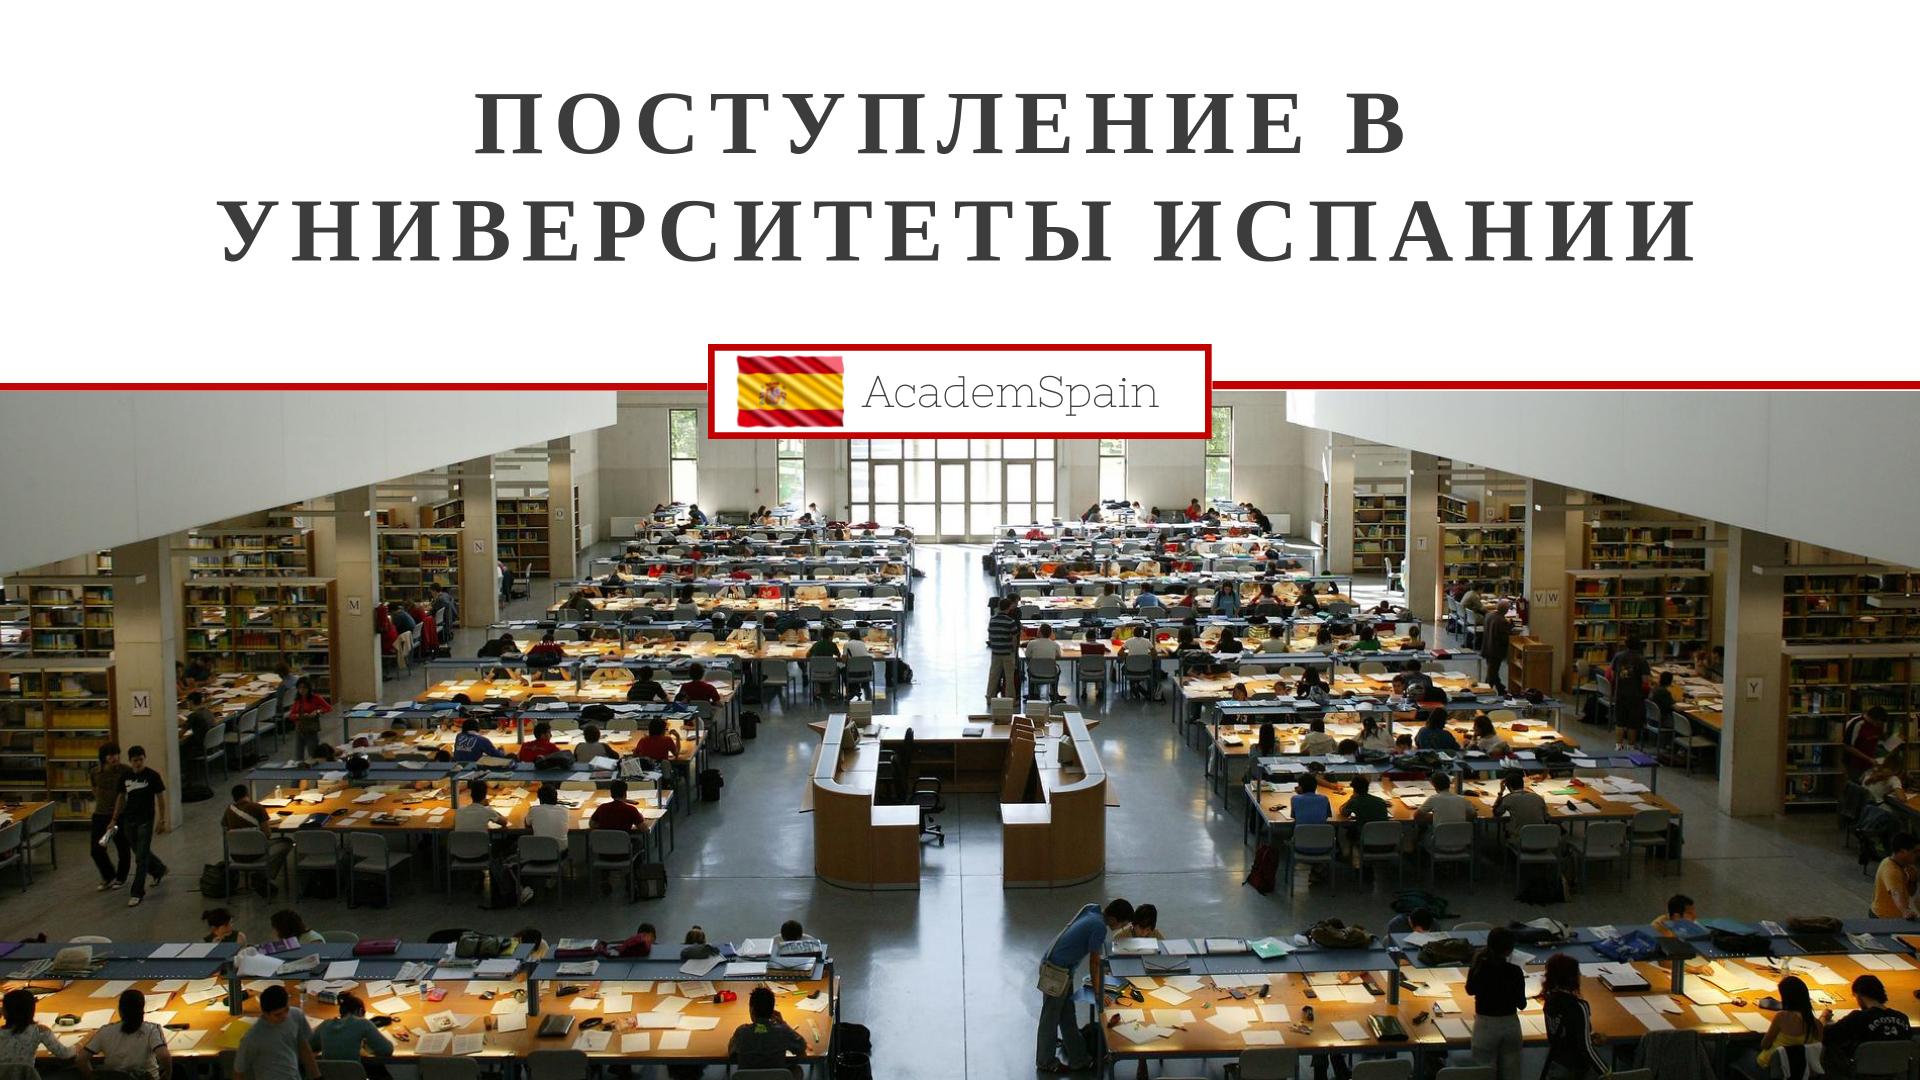 Поступление в университеты Испании